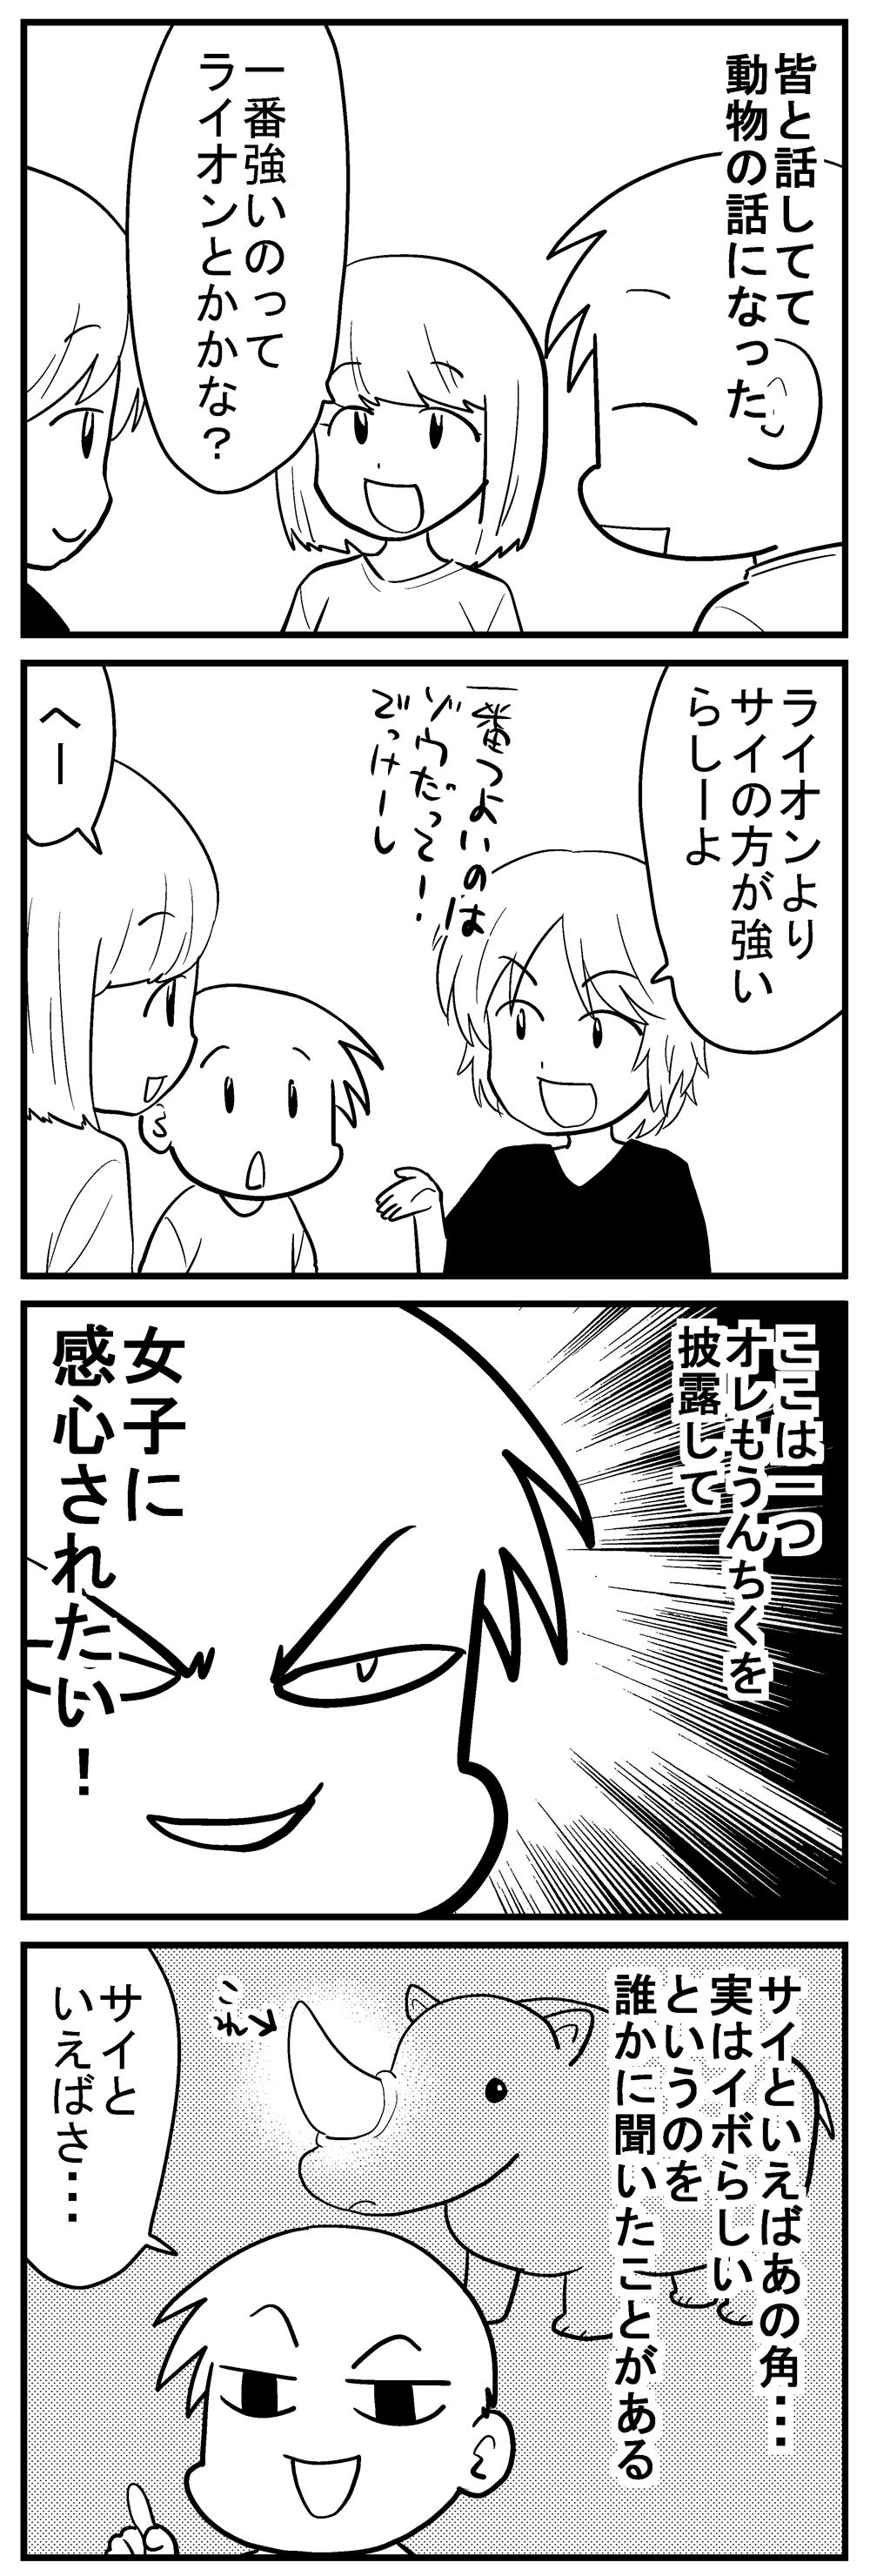 深読みくん84-1